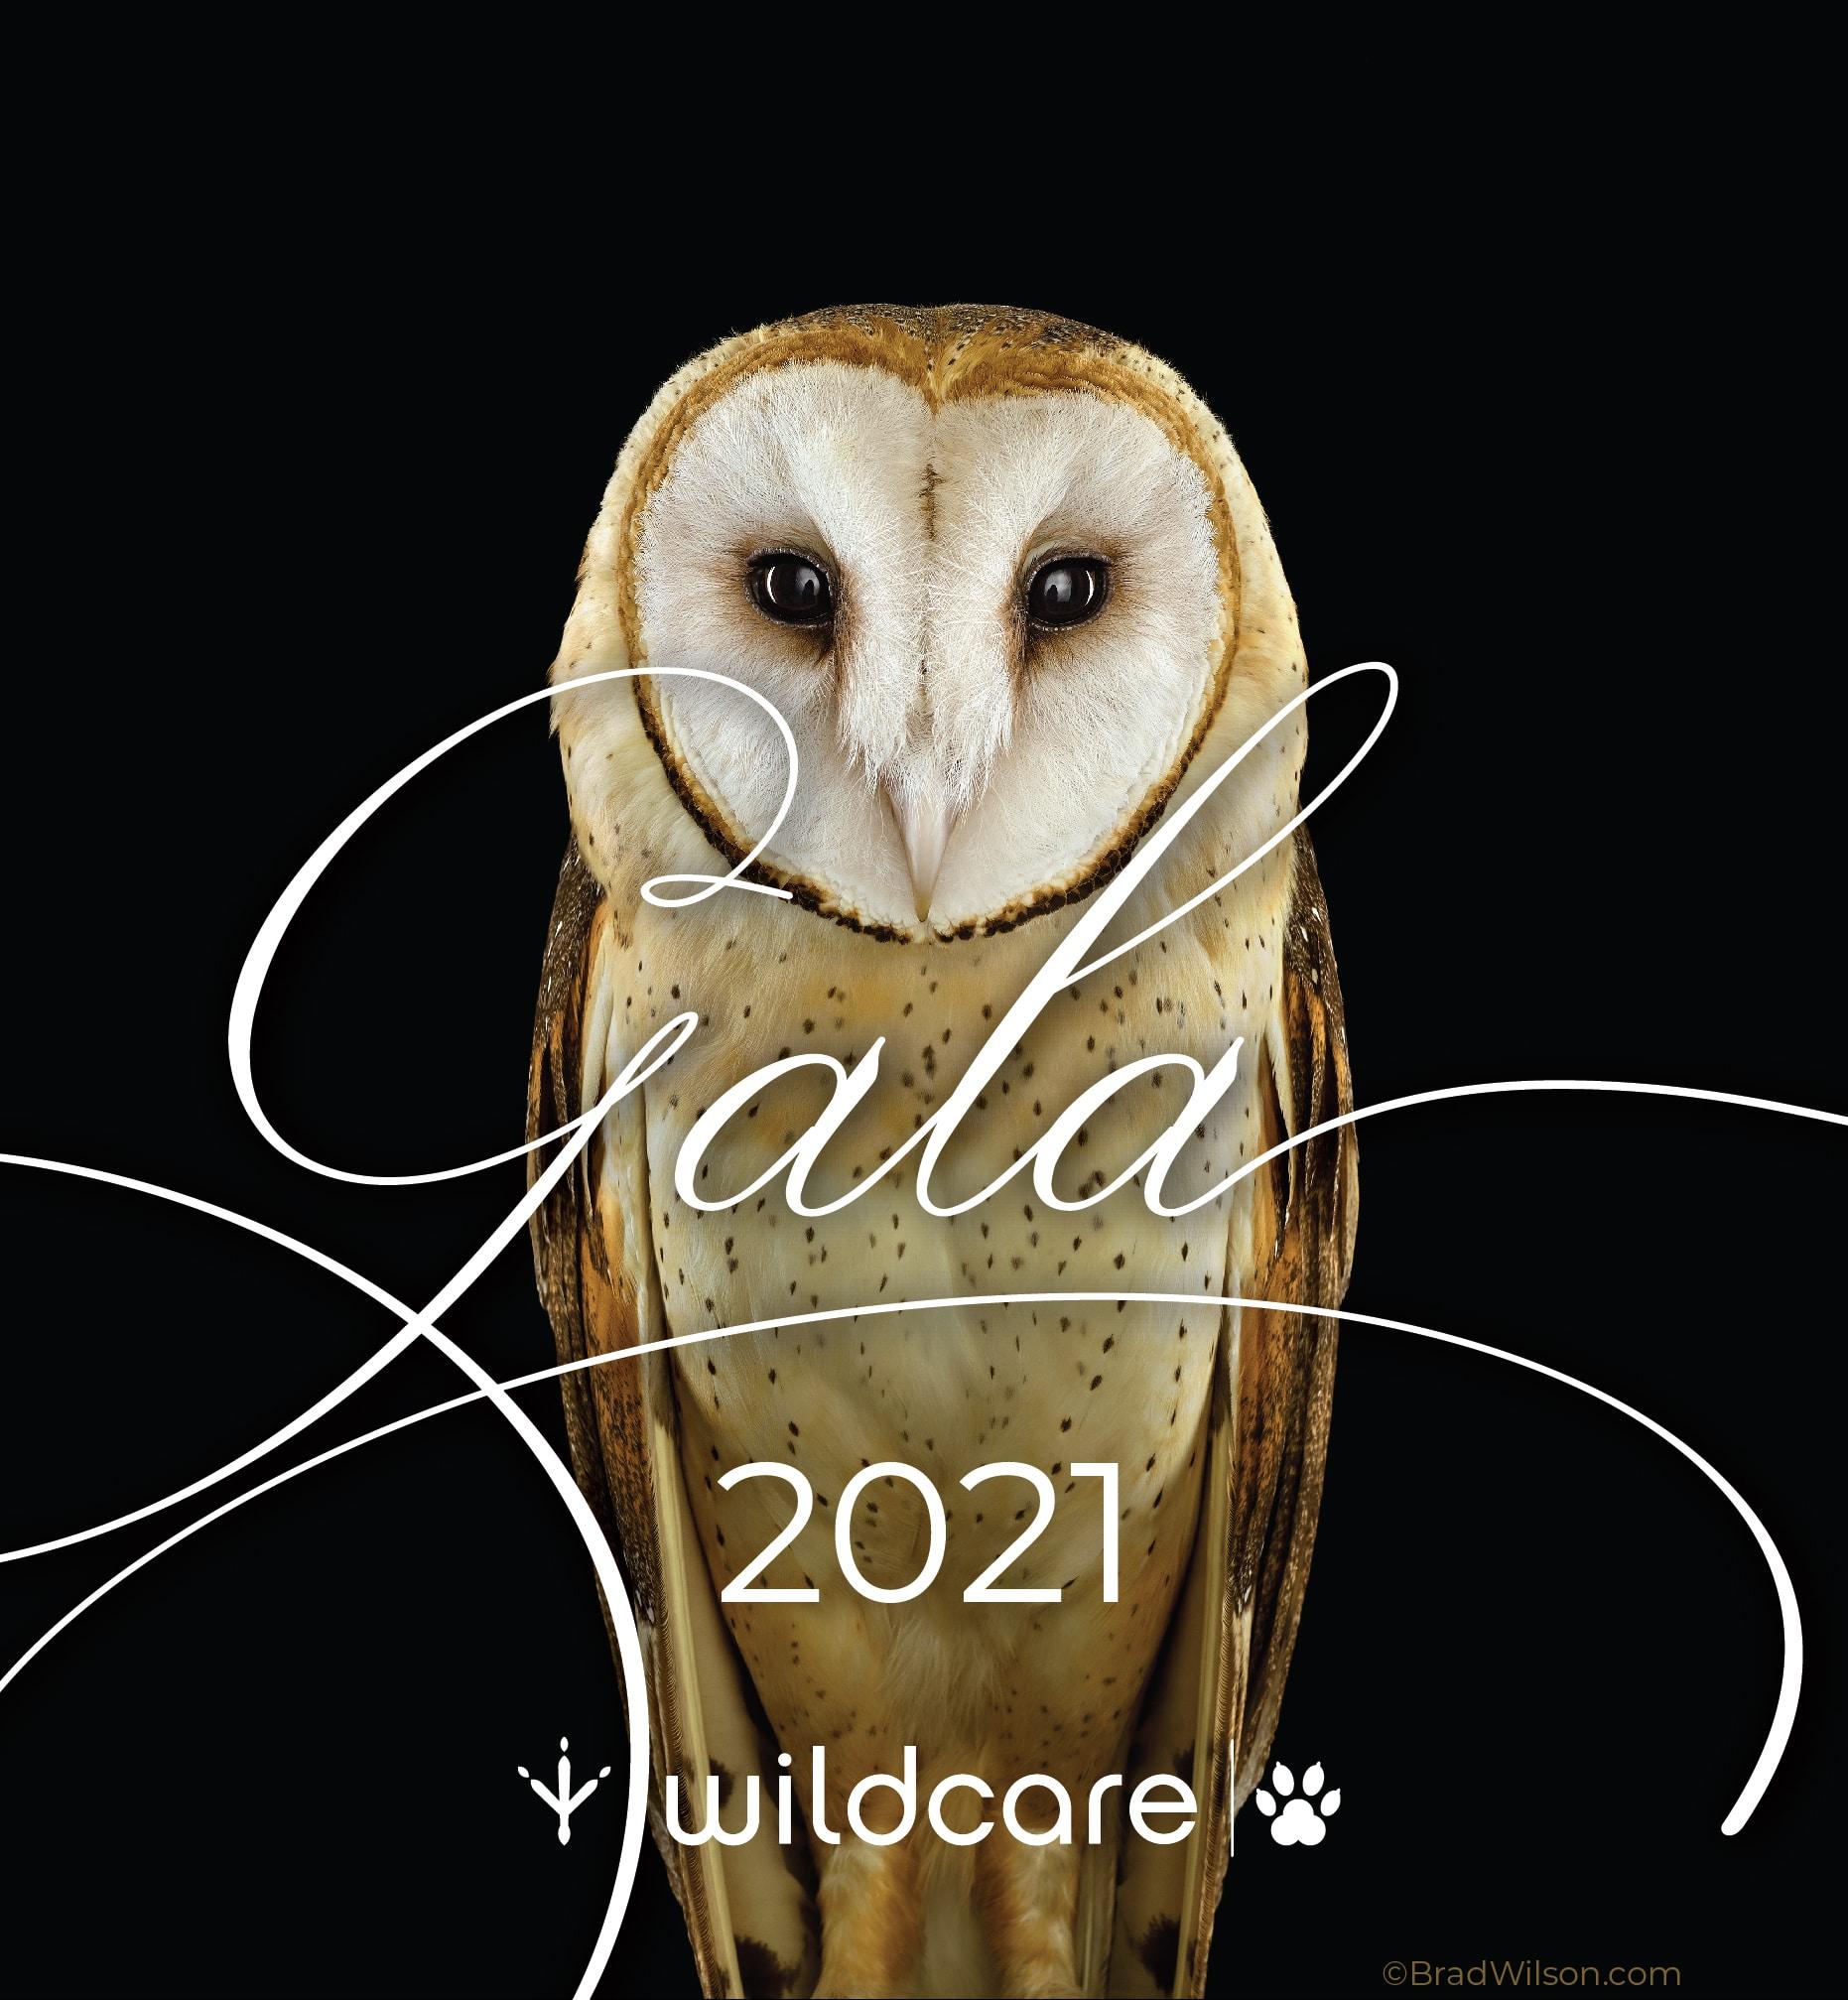 Gala Owl 2021 V2 01 01